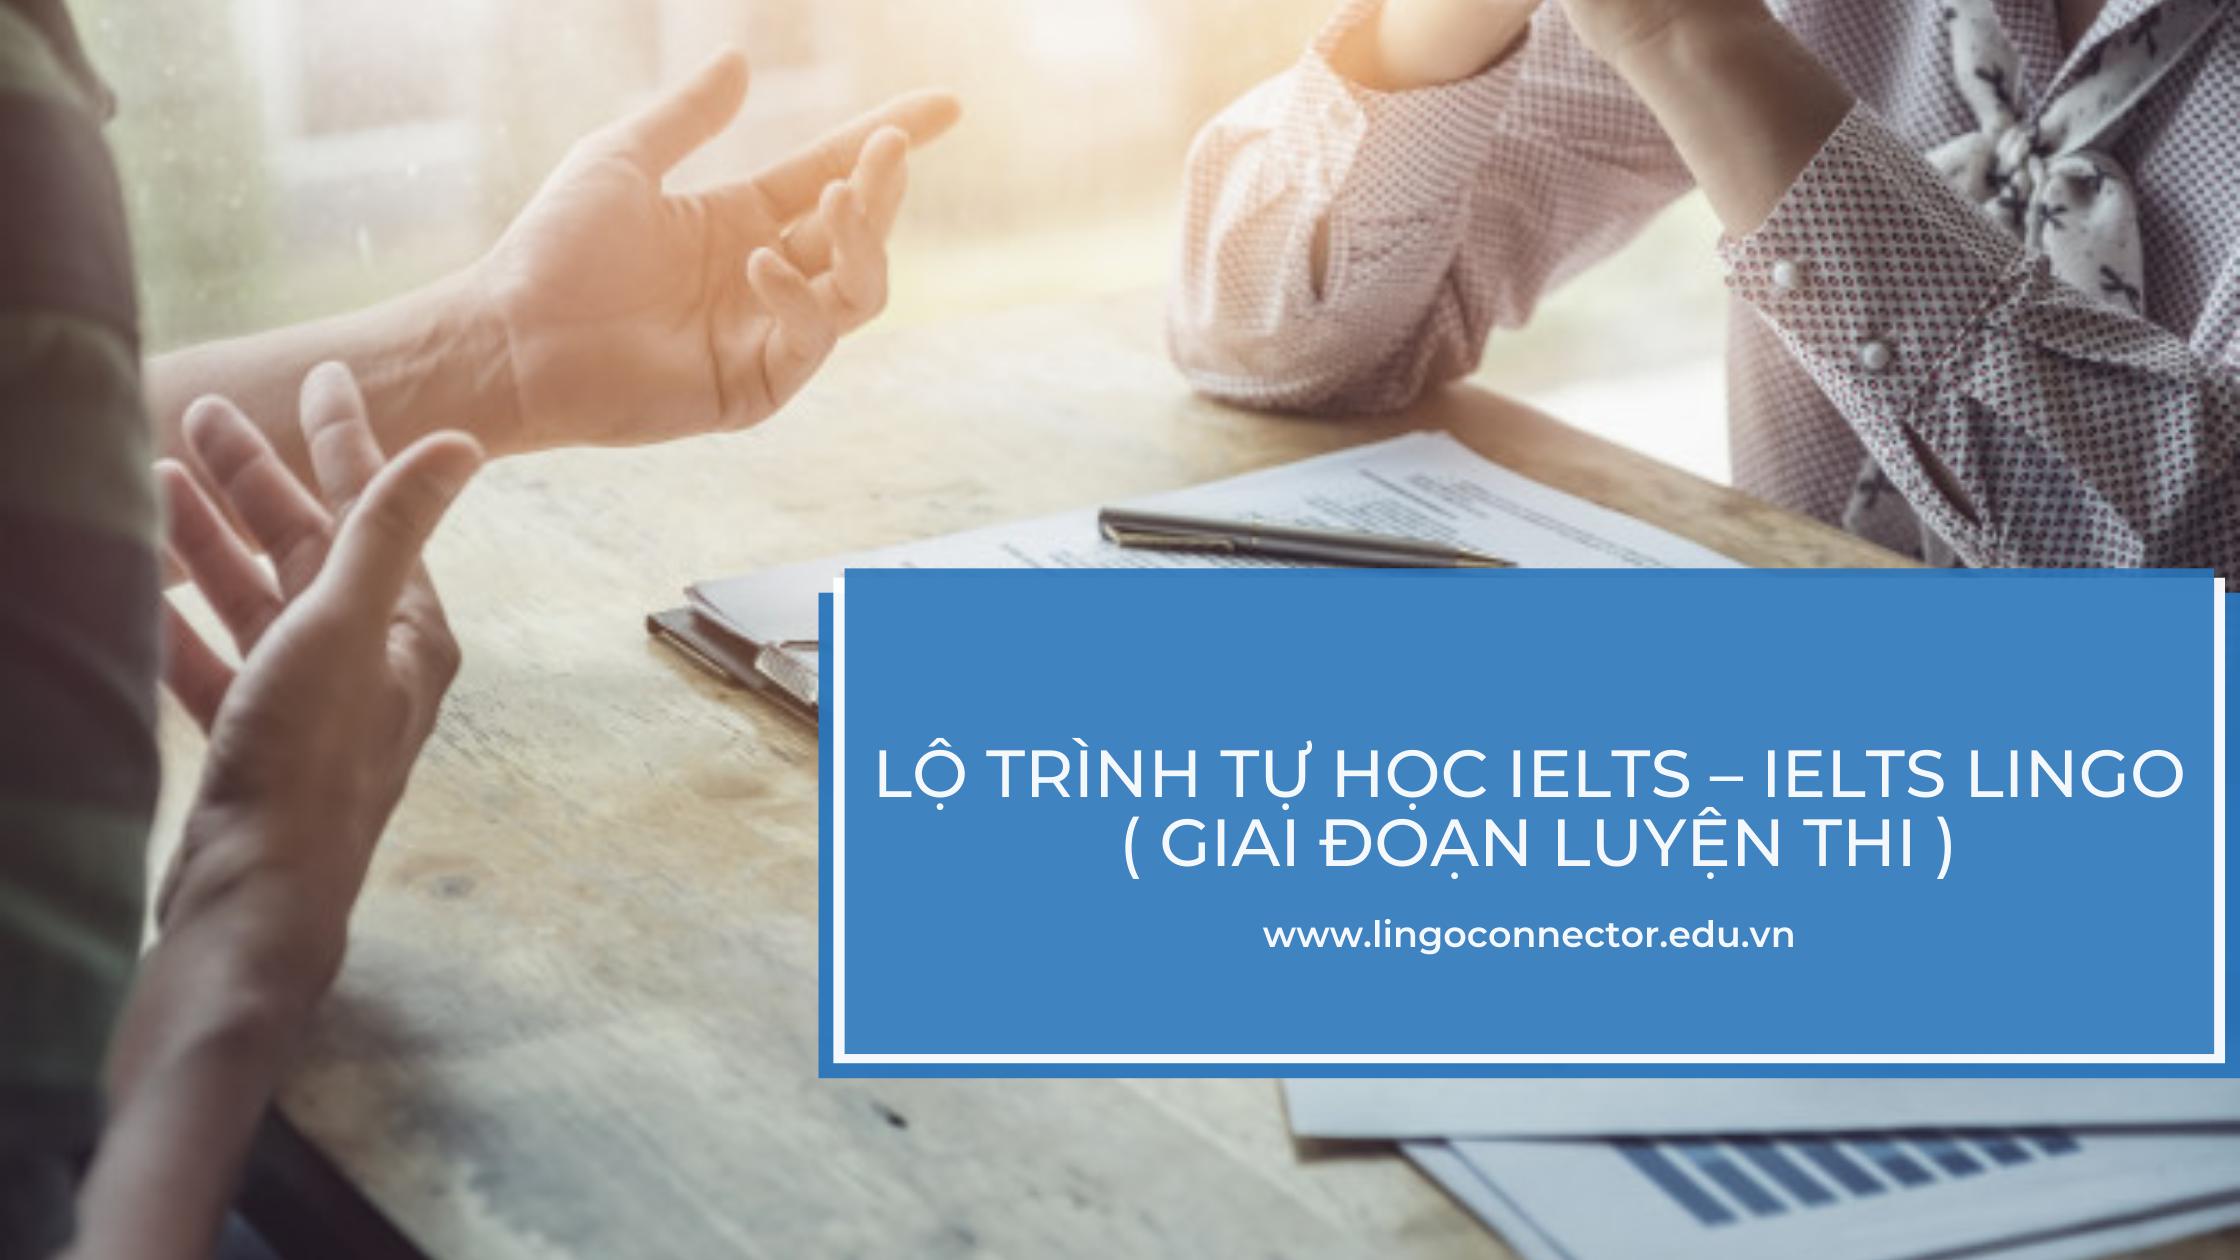 Lộ trình tự học IELTS – IELTS Lingo ( giai đoạn luyện thi )